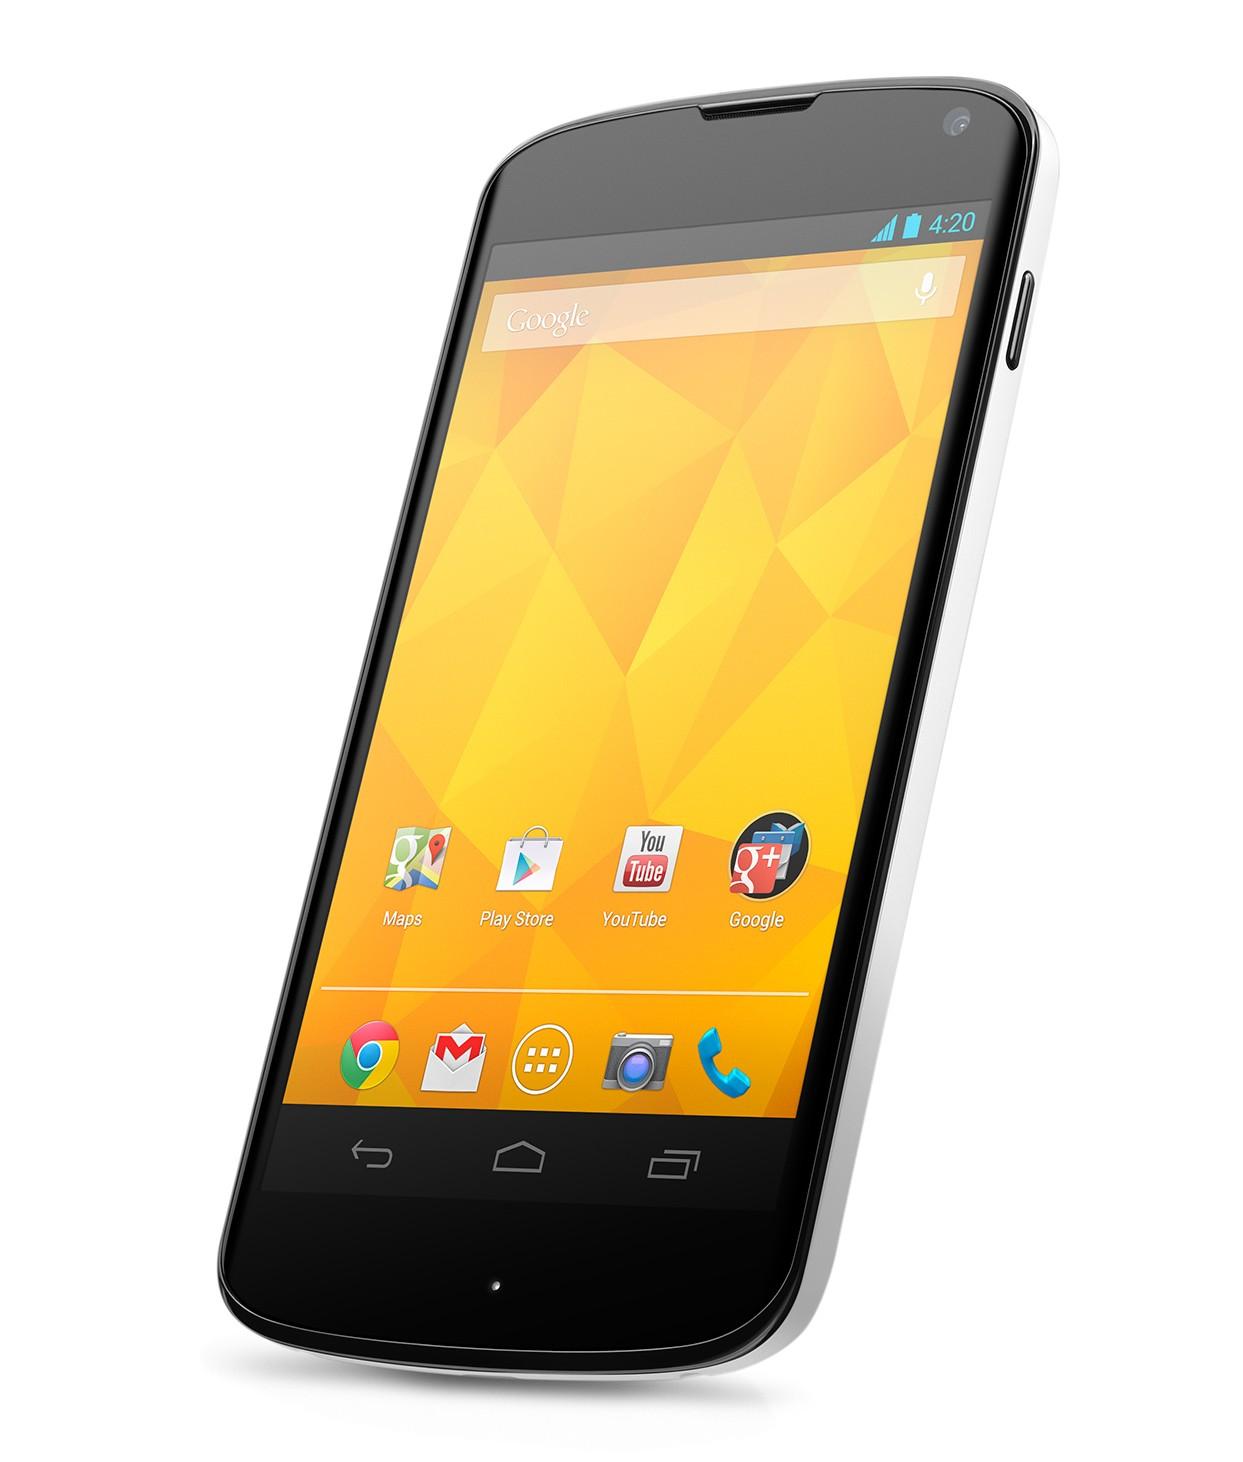 LG Nexus 4 White angled